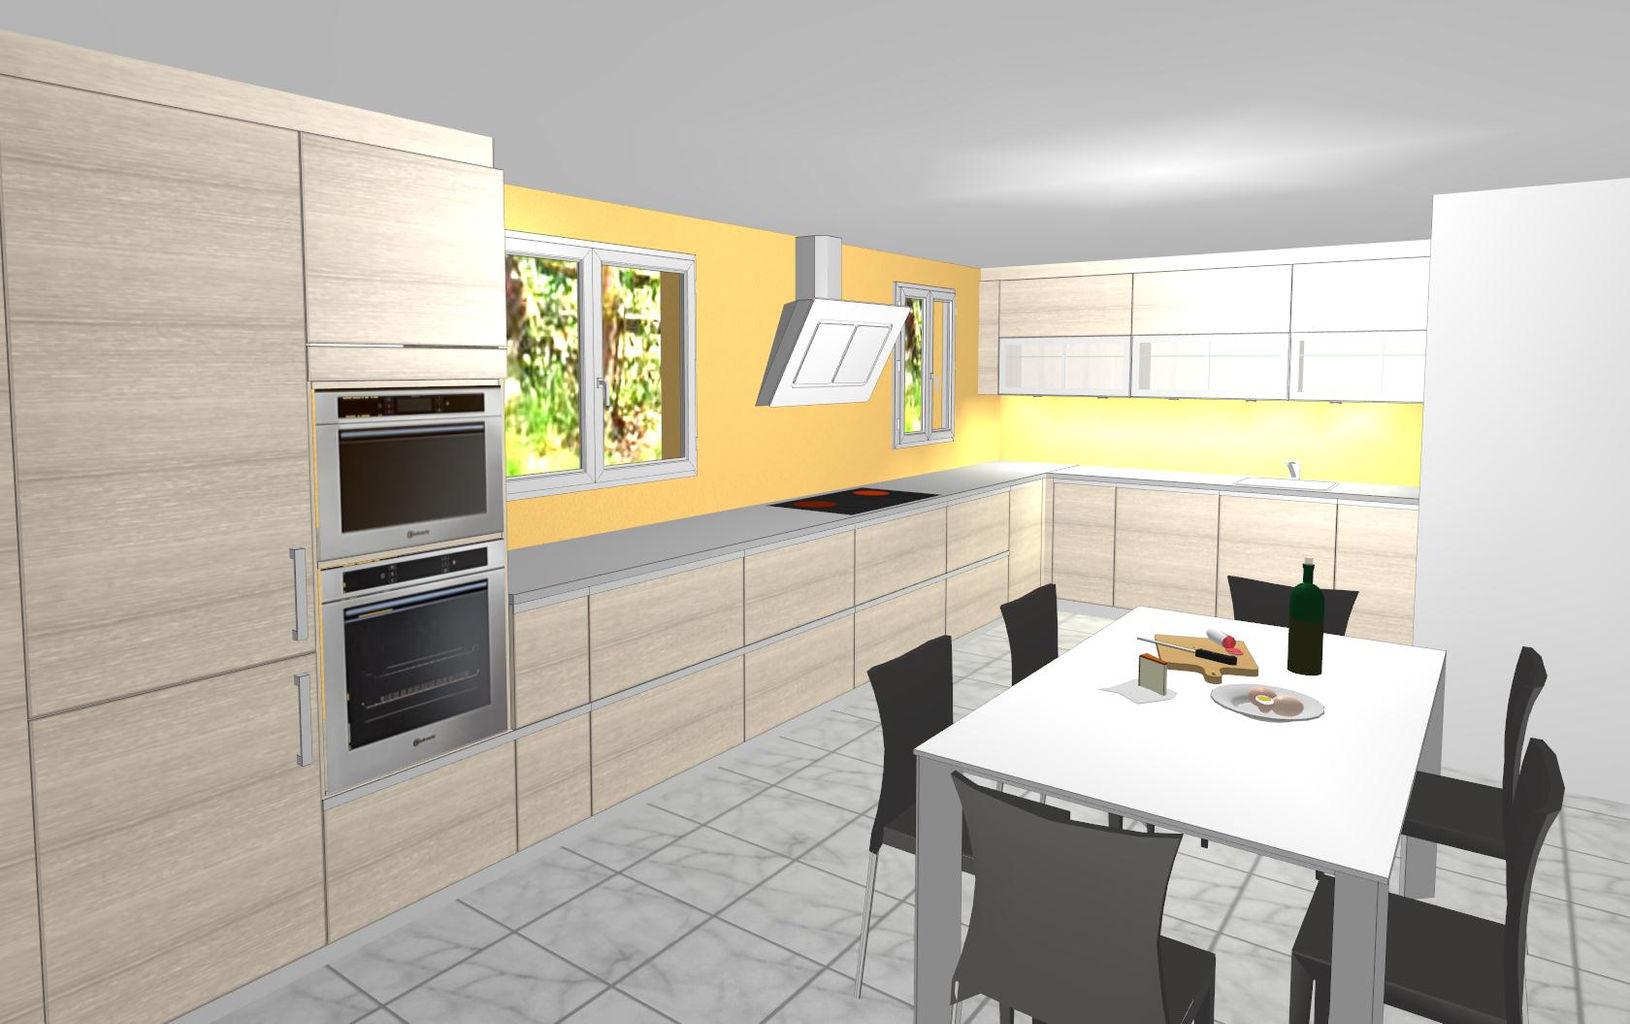 Progettare cucina 3d gratis beautiful ikea d cucina - Disegnare una cucina in muratura ...